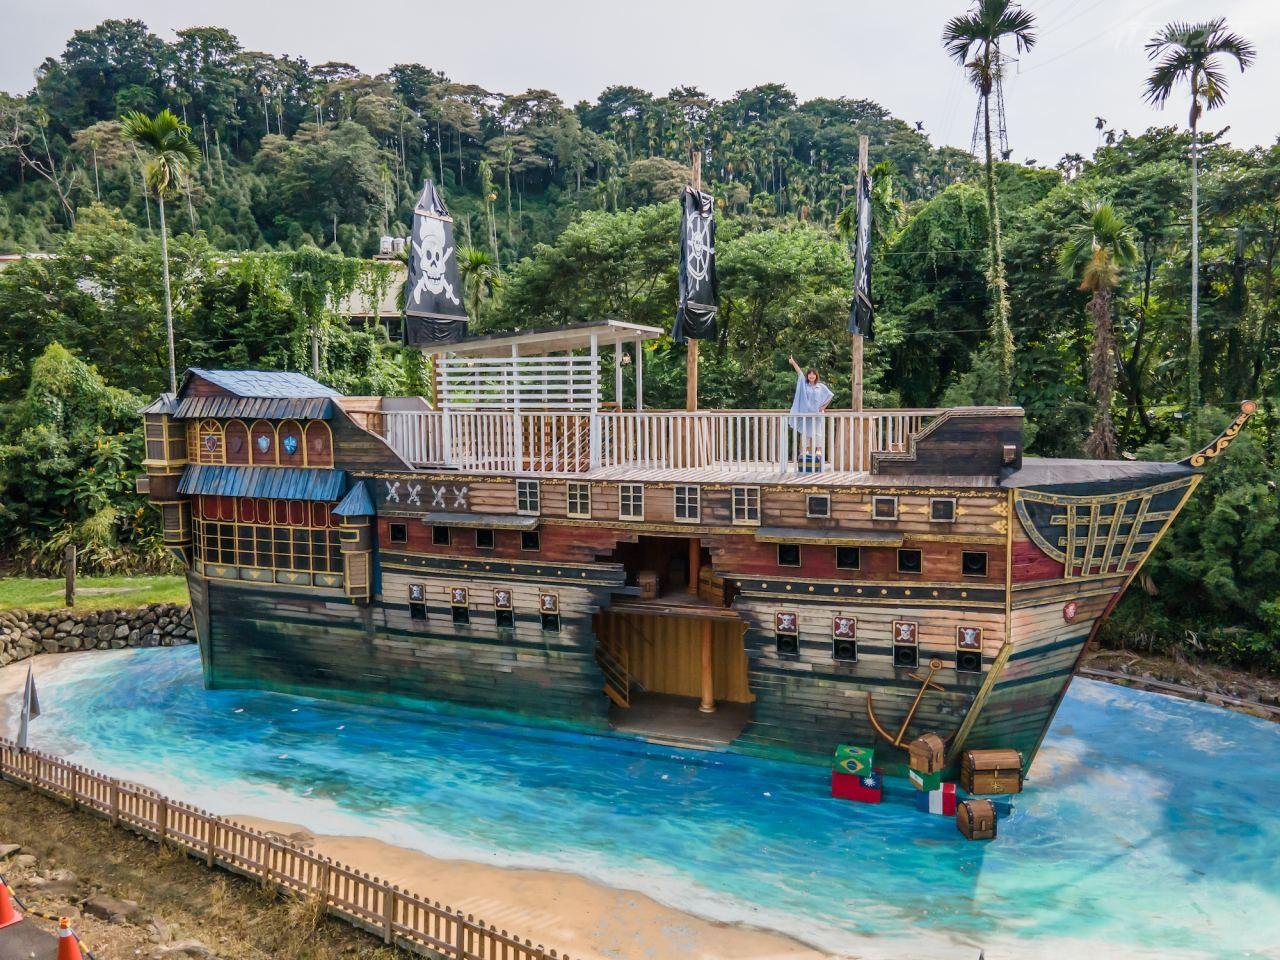 ▲大型海盜船造景,壯觀震撼。